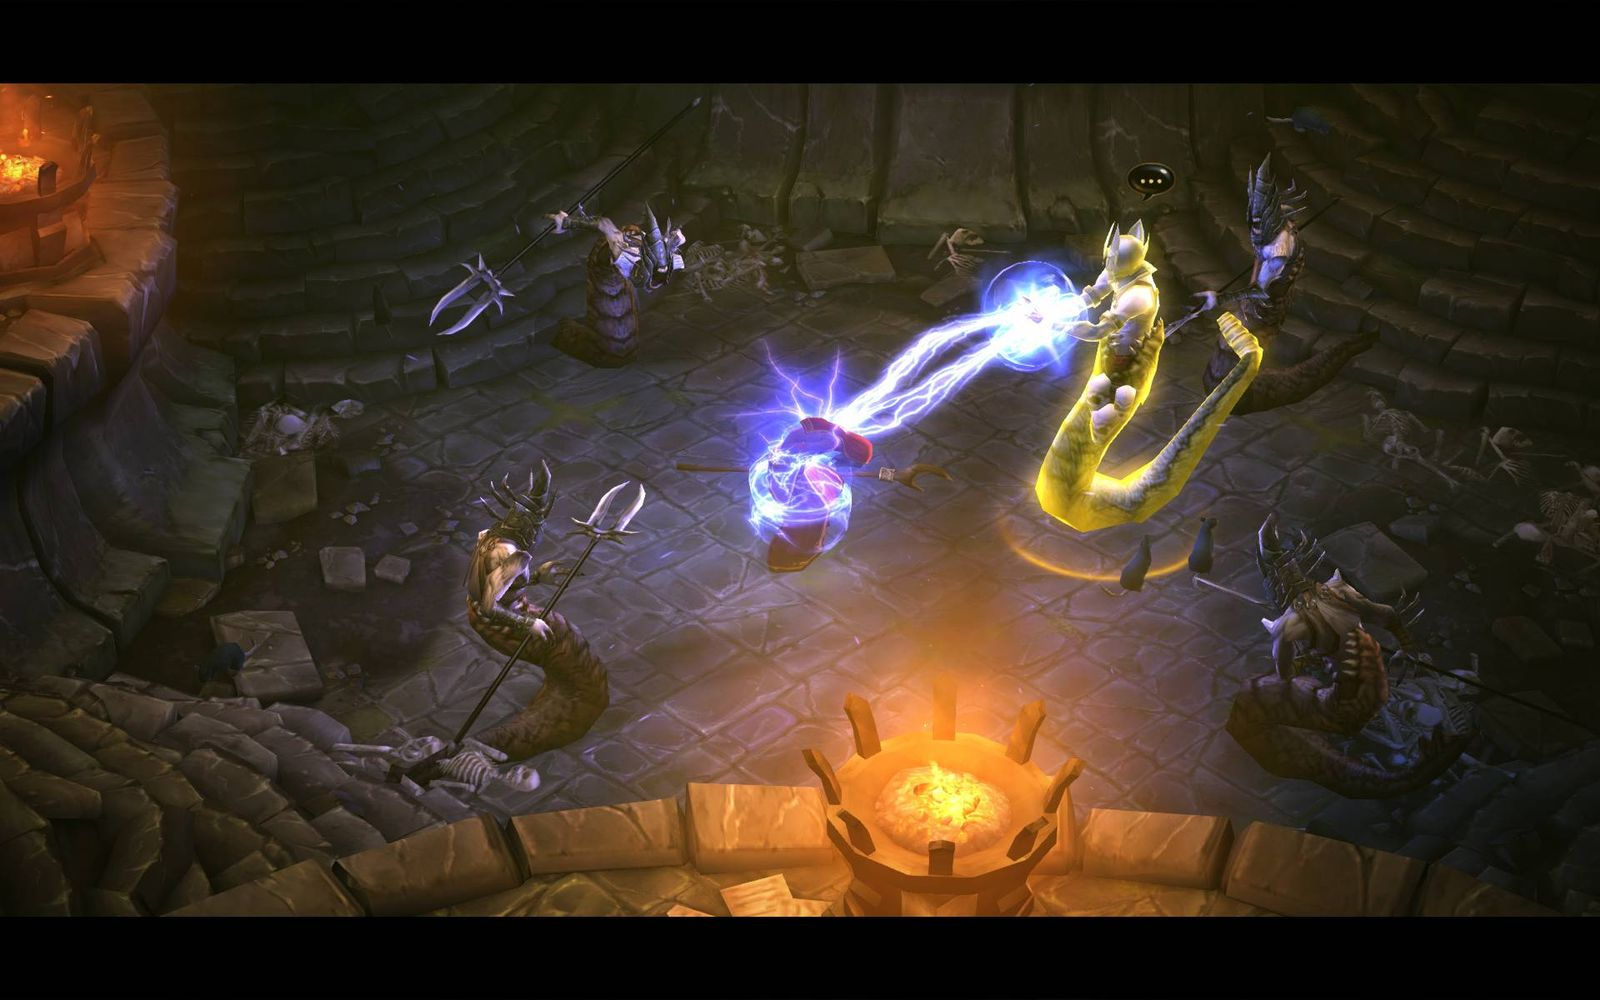 NUR ALS ZITAT Screenshot Diablo 3 / Cutscene